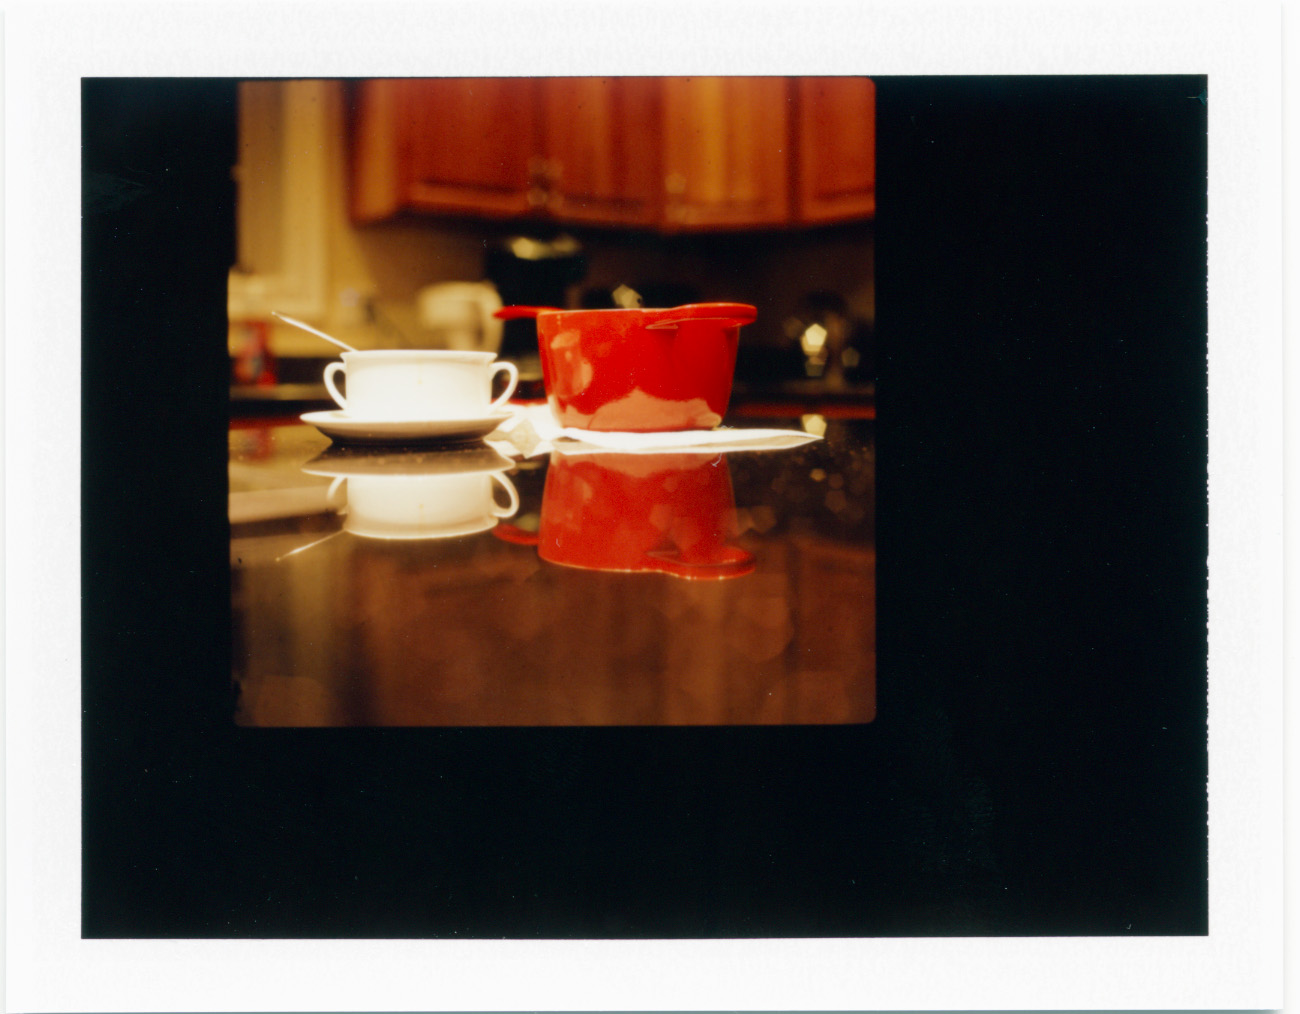 Pots by Bob in Bob Freund